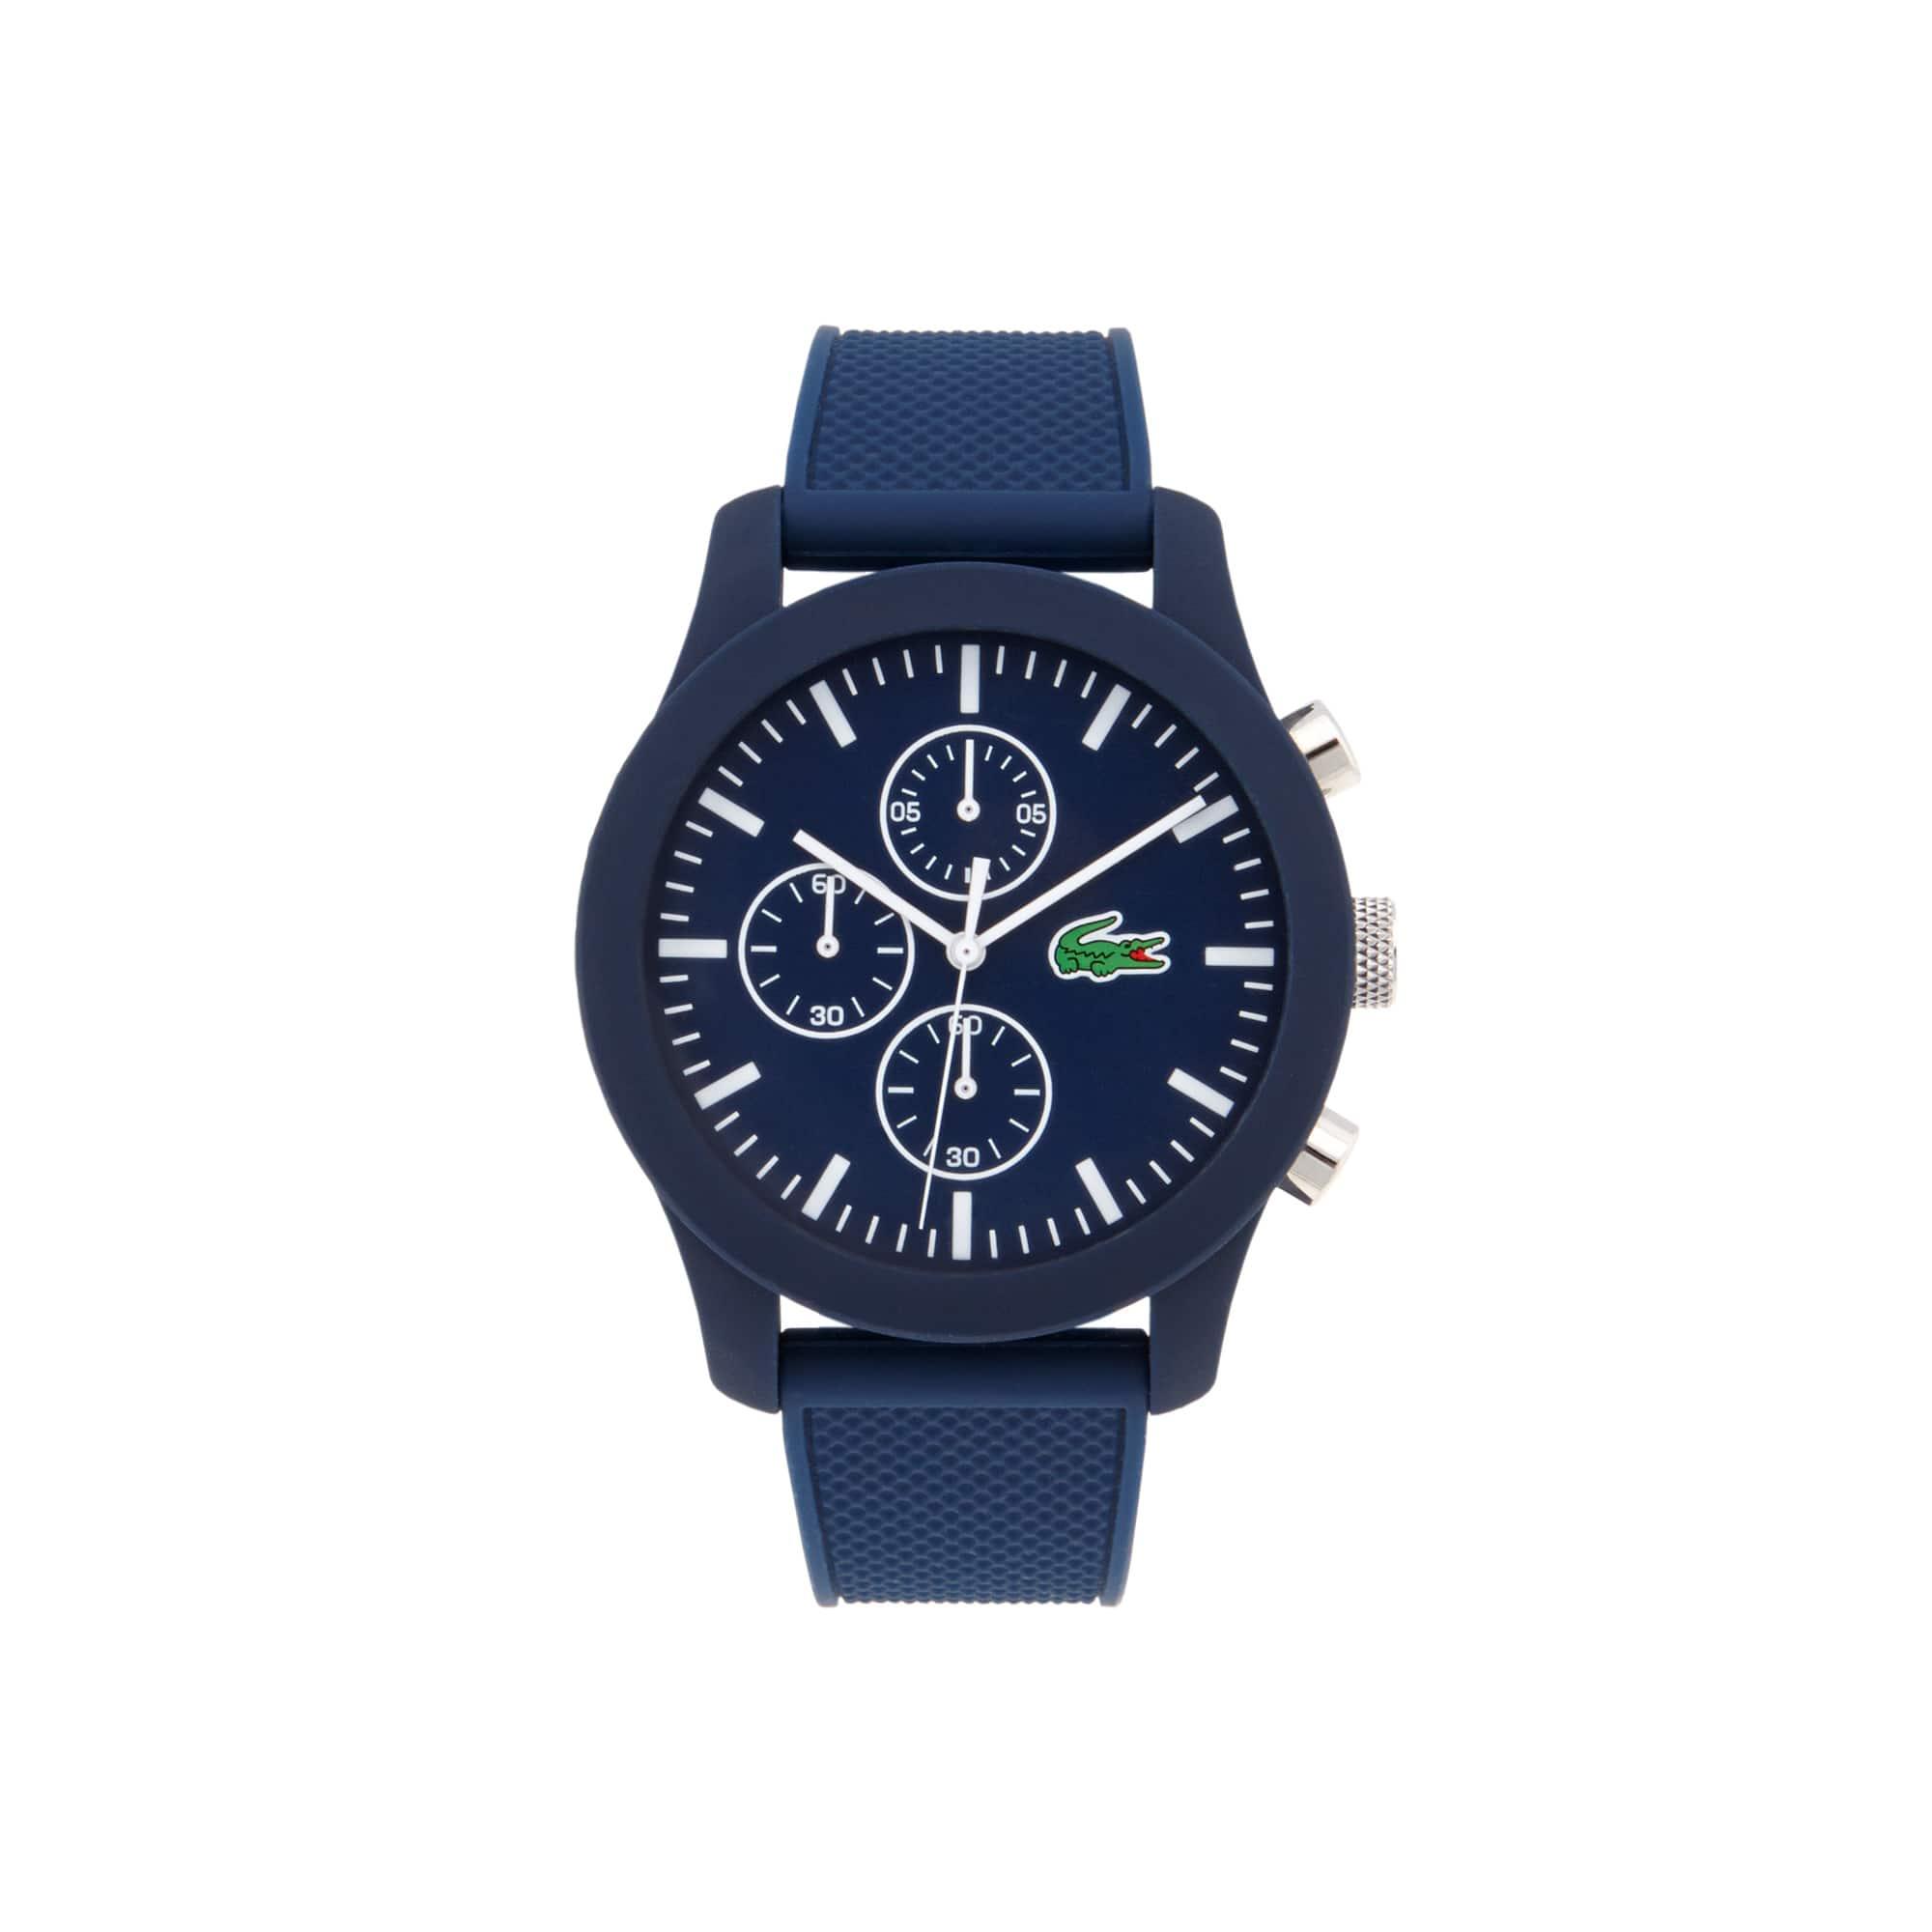 Montre Lacoste.12.12 chronographe avec bracelet en silicone bleu